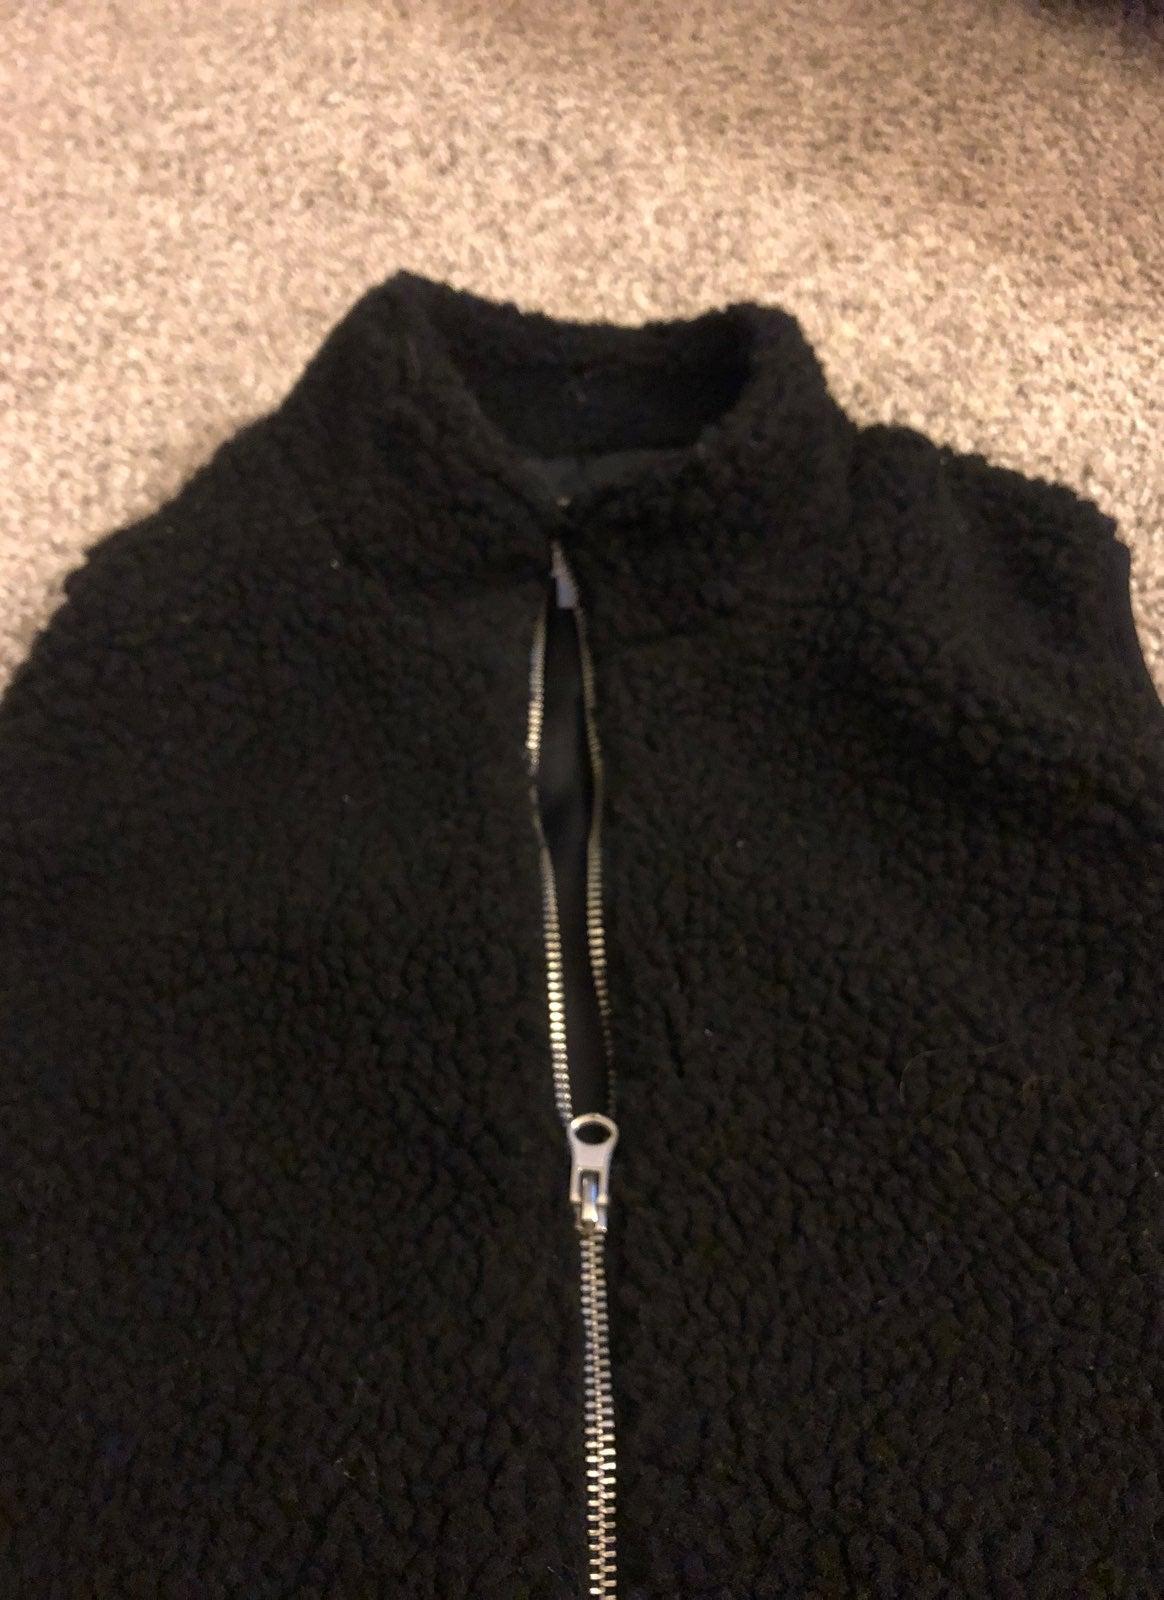 Sherpa Vest Size Small Black